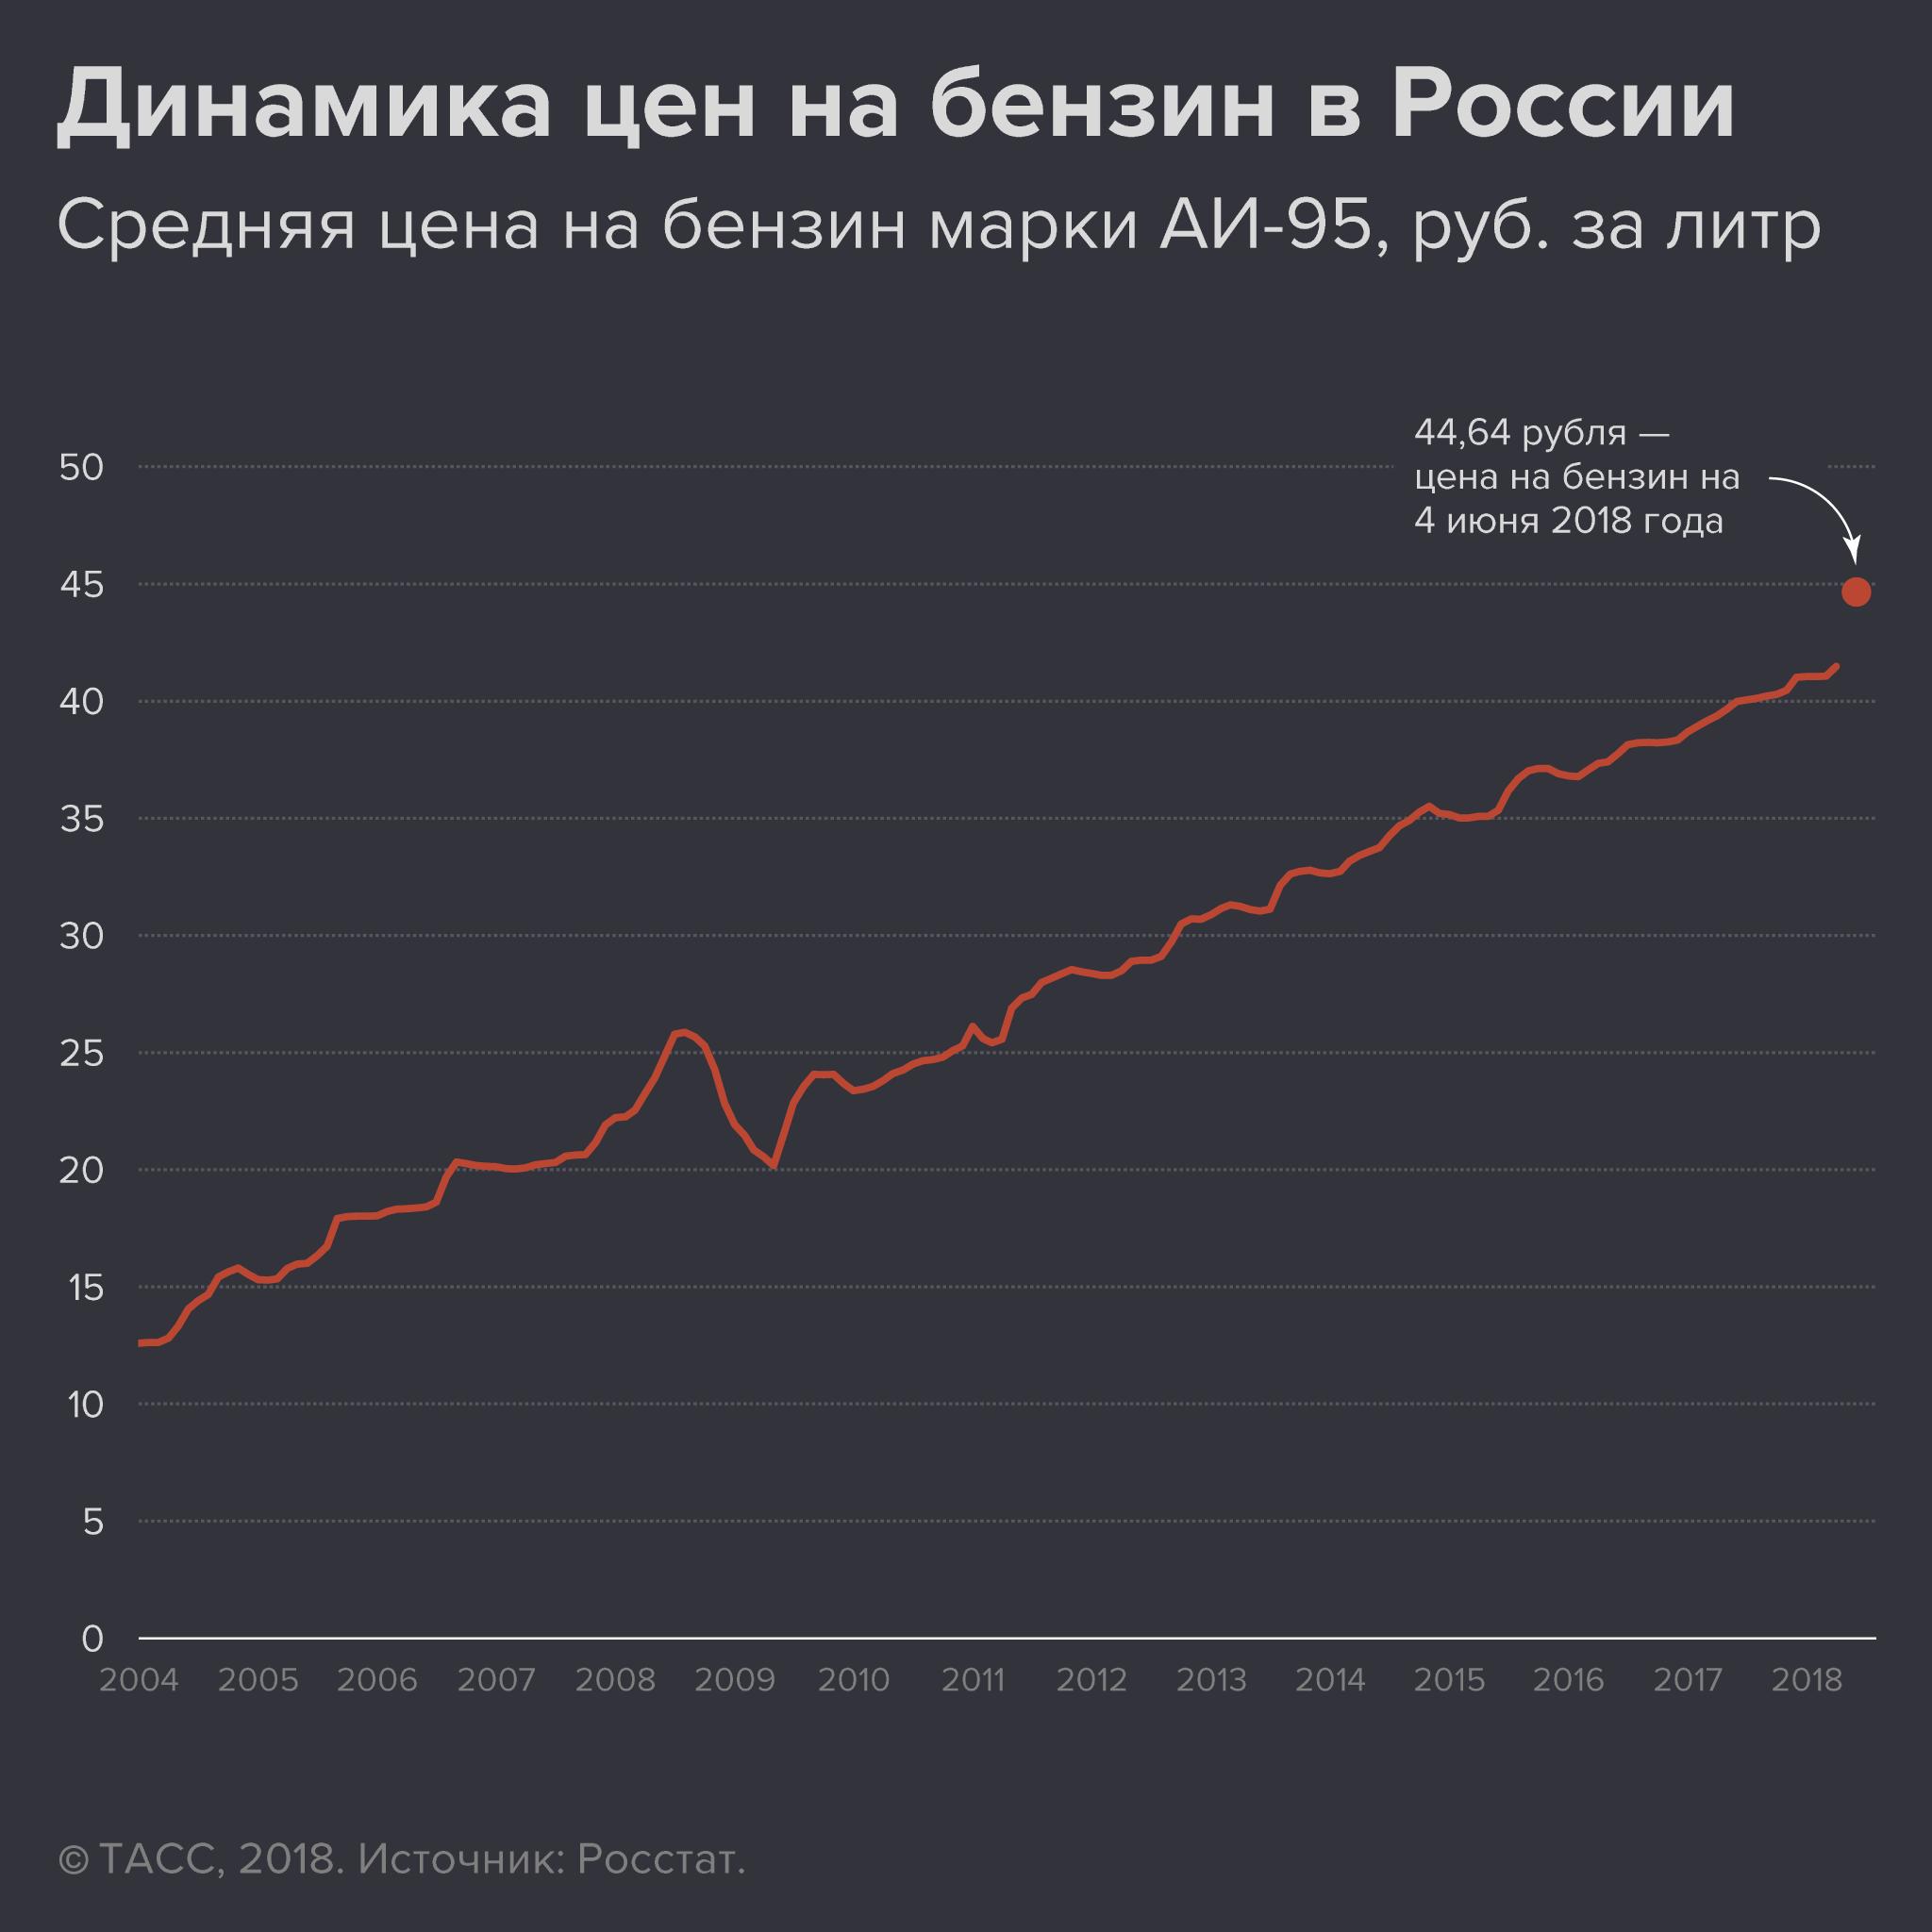 Динамика цен на бензин в России